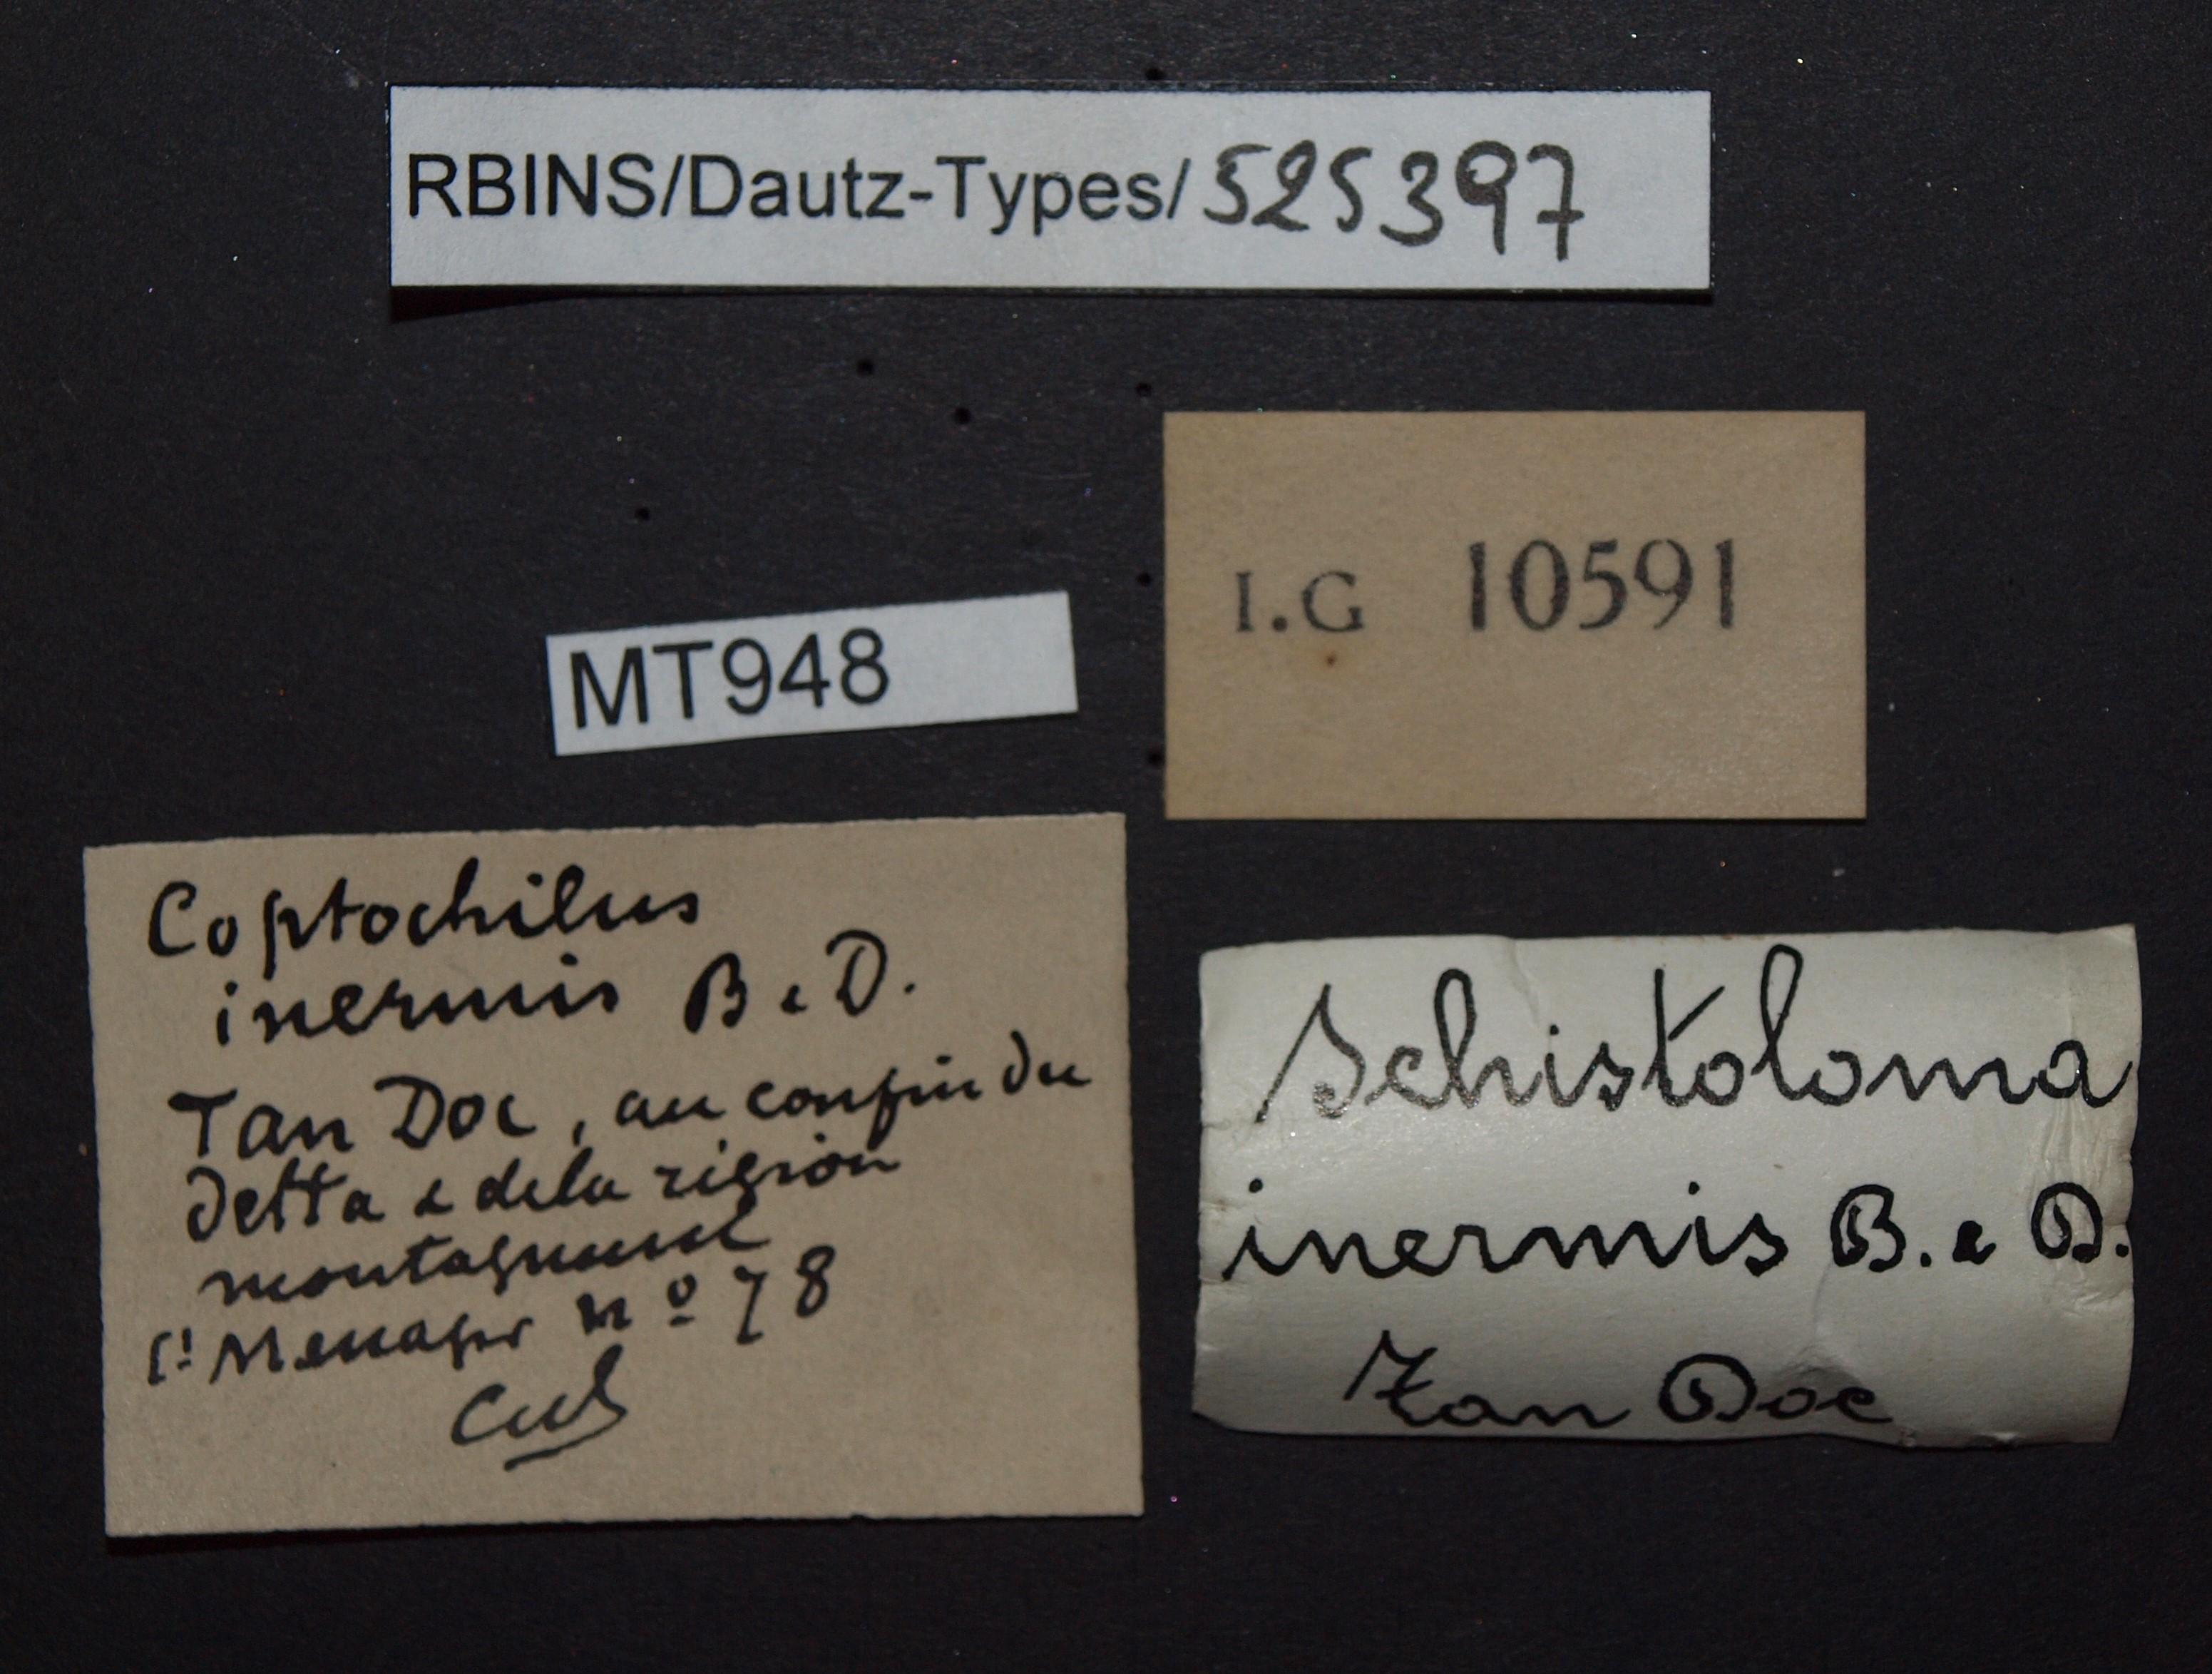 Coptocheilus inermis pt.JPG